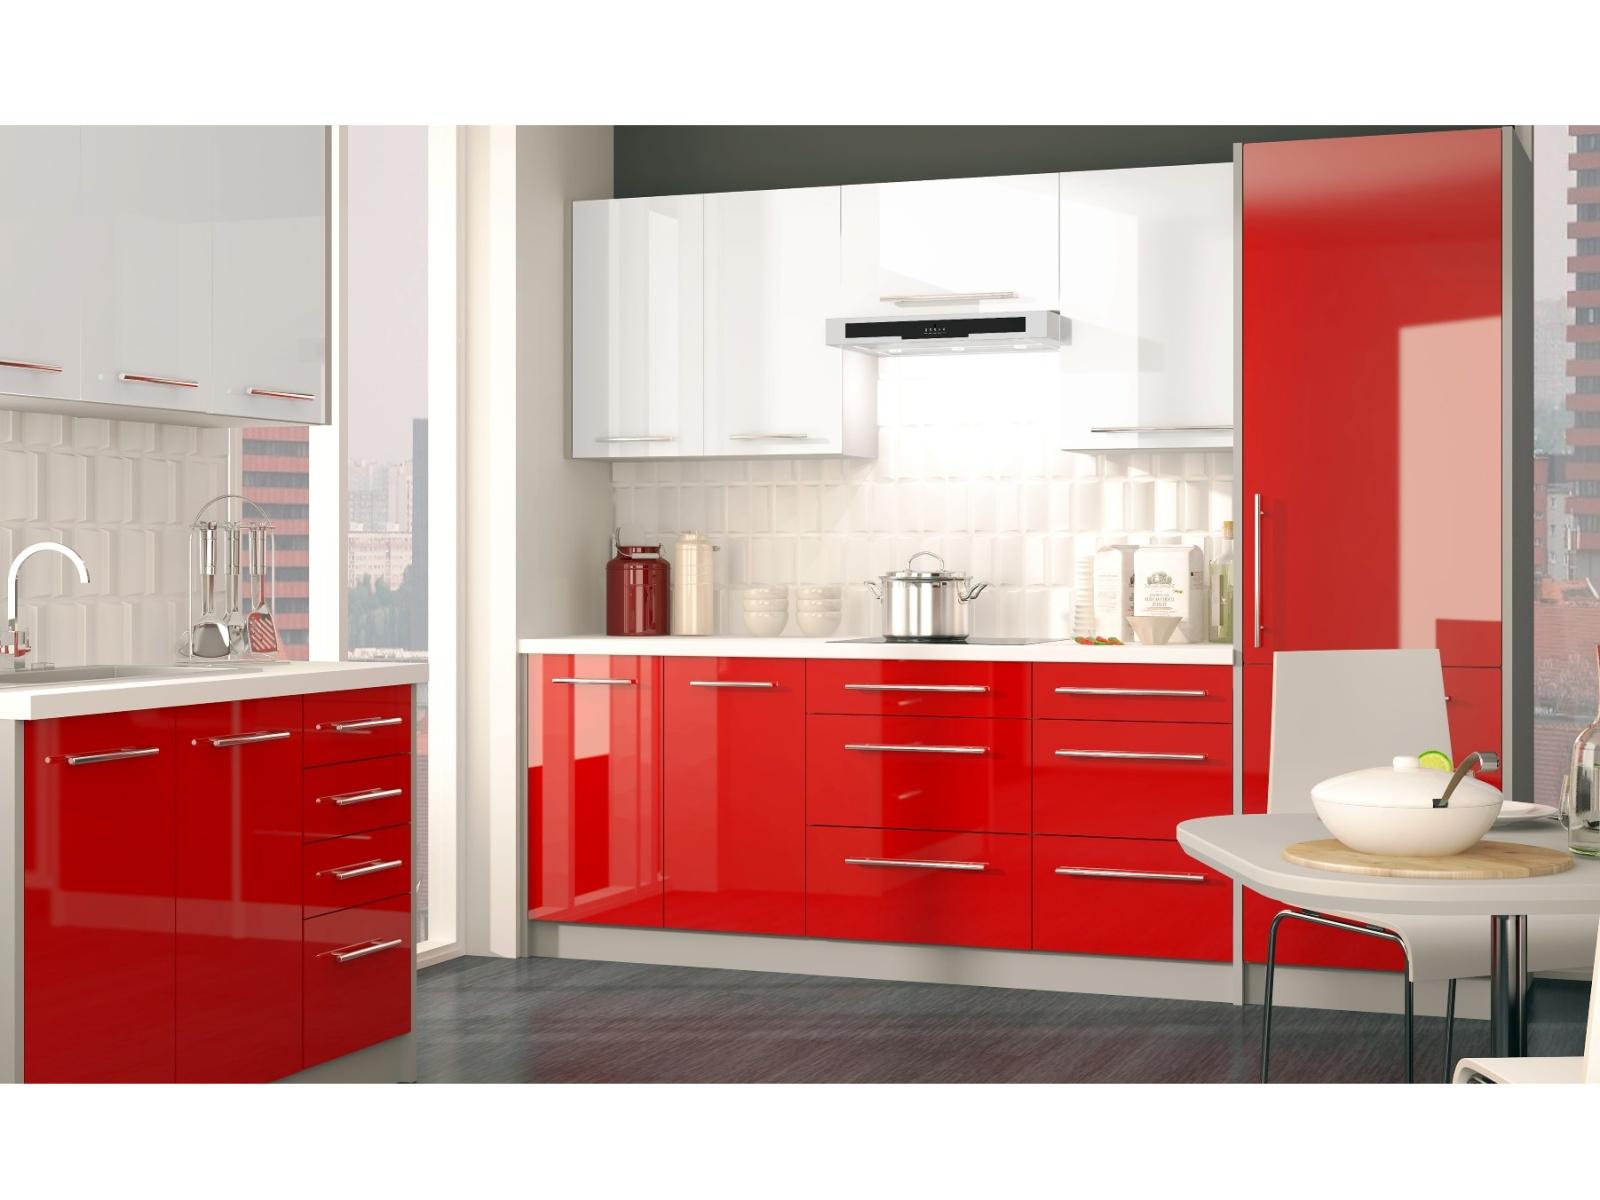 Extom Rohová kuchyně PLATINUM 370 cm, korpus grey, dvířka white + rose red